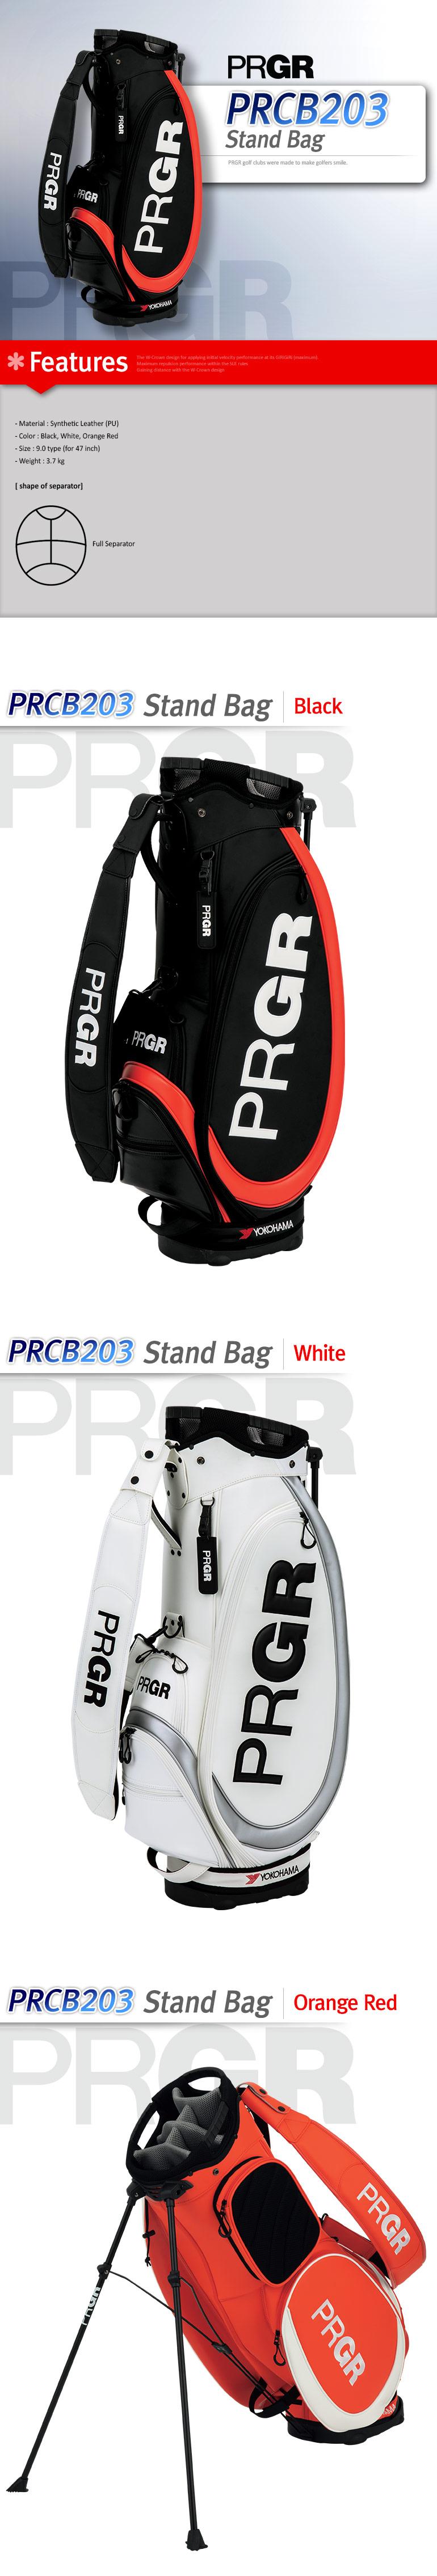 PRCB203_SB_desc.jpg